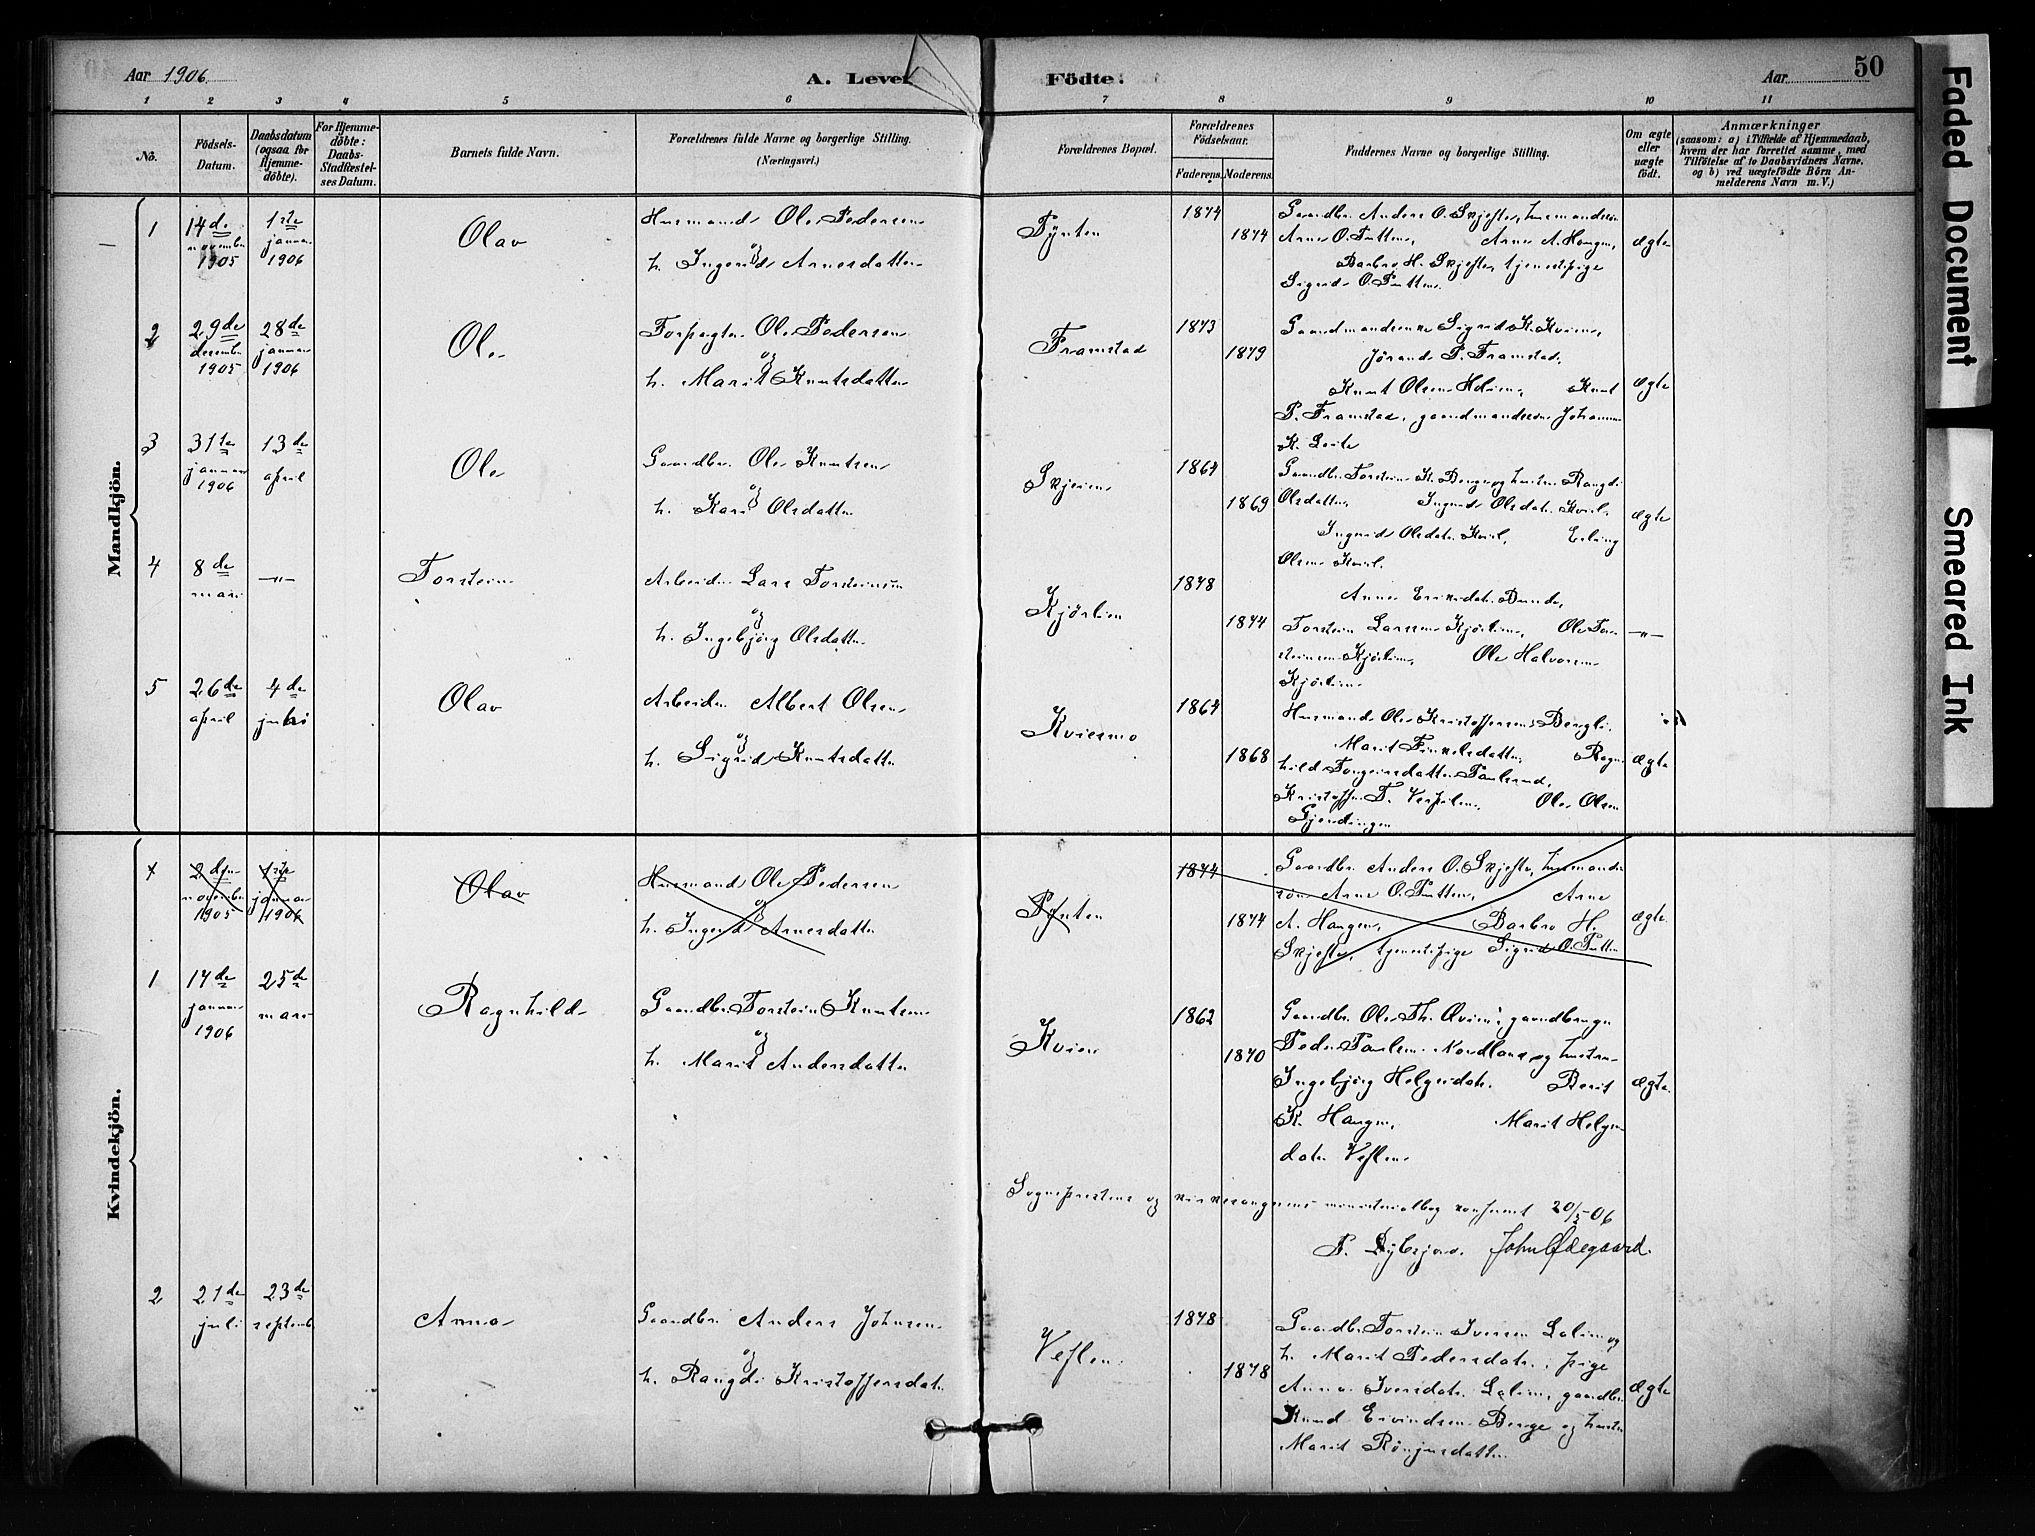 SAH, Vang prestekontor, Valdres, Ministerialbok nr. 9, 1882-1914, s. 50